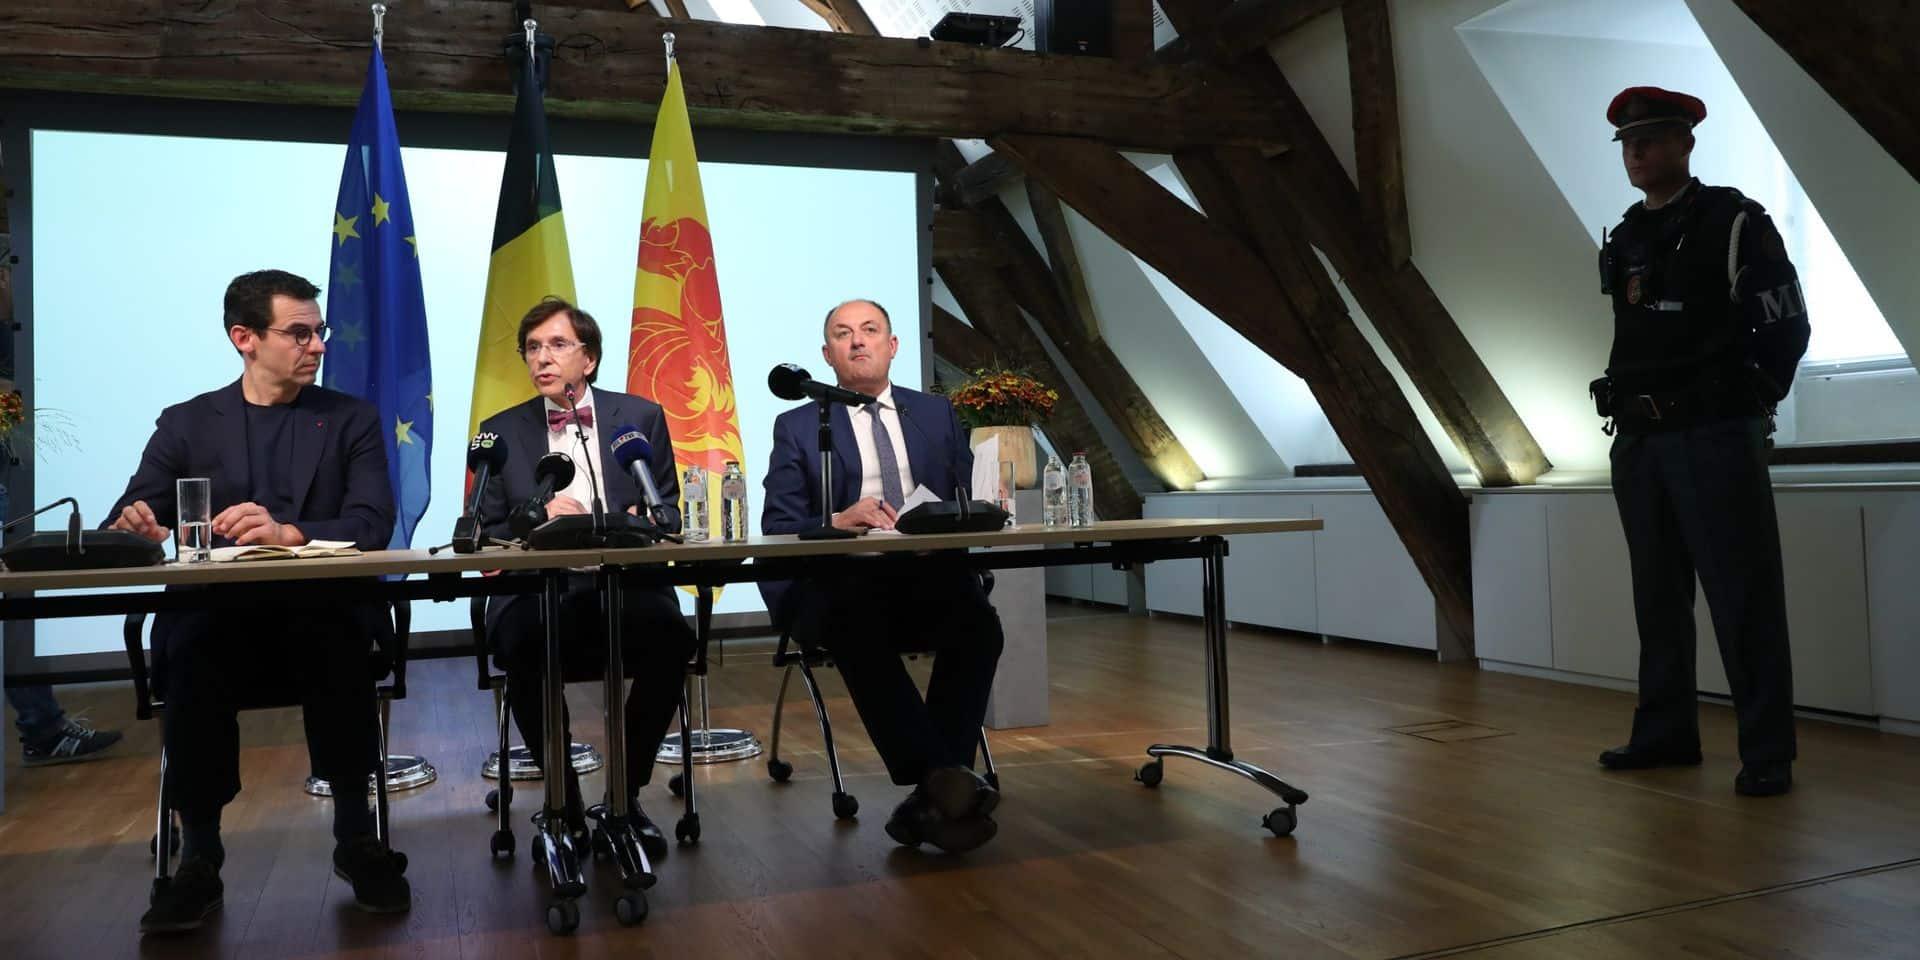 Voici les documents complets de l'accord pour la Wallonie et la Fédération Wallonie-Bruxelles